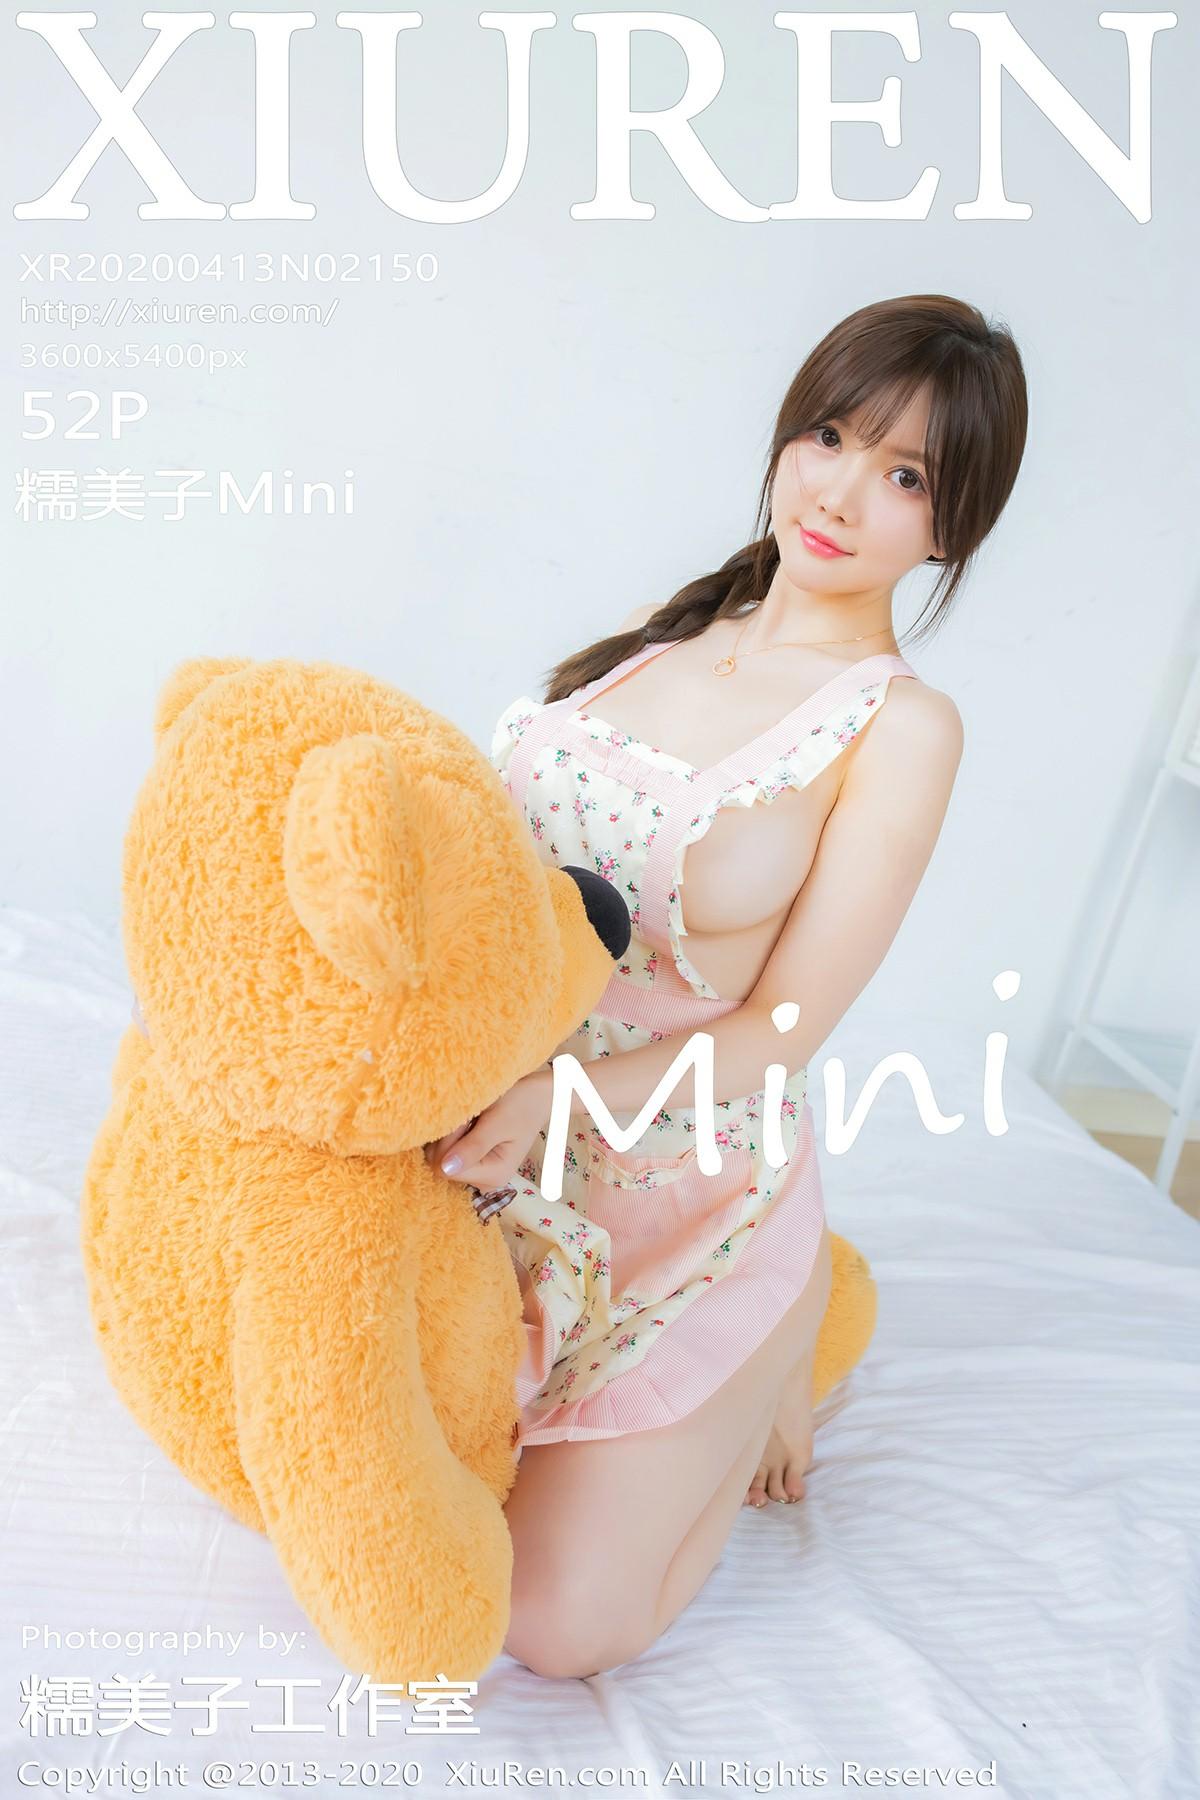 [XiuRen秀人网]2020.04.13 No.2150 糯美子Mini[53P] 秀人网 第1张